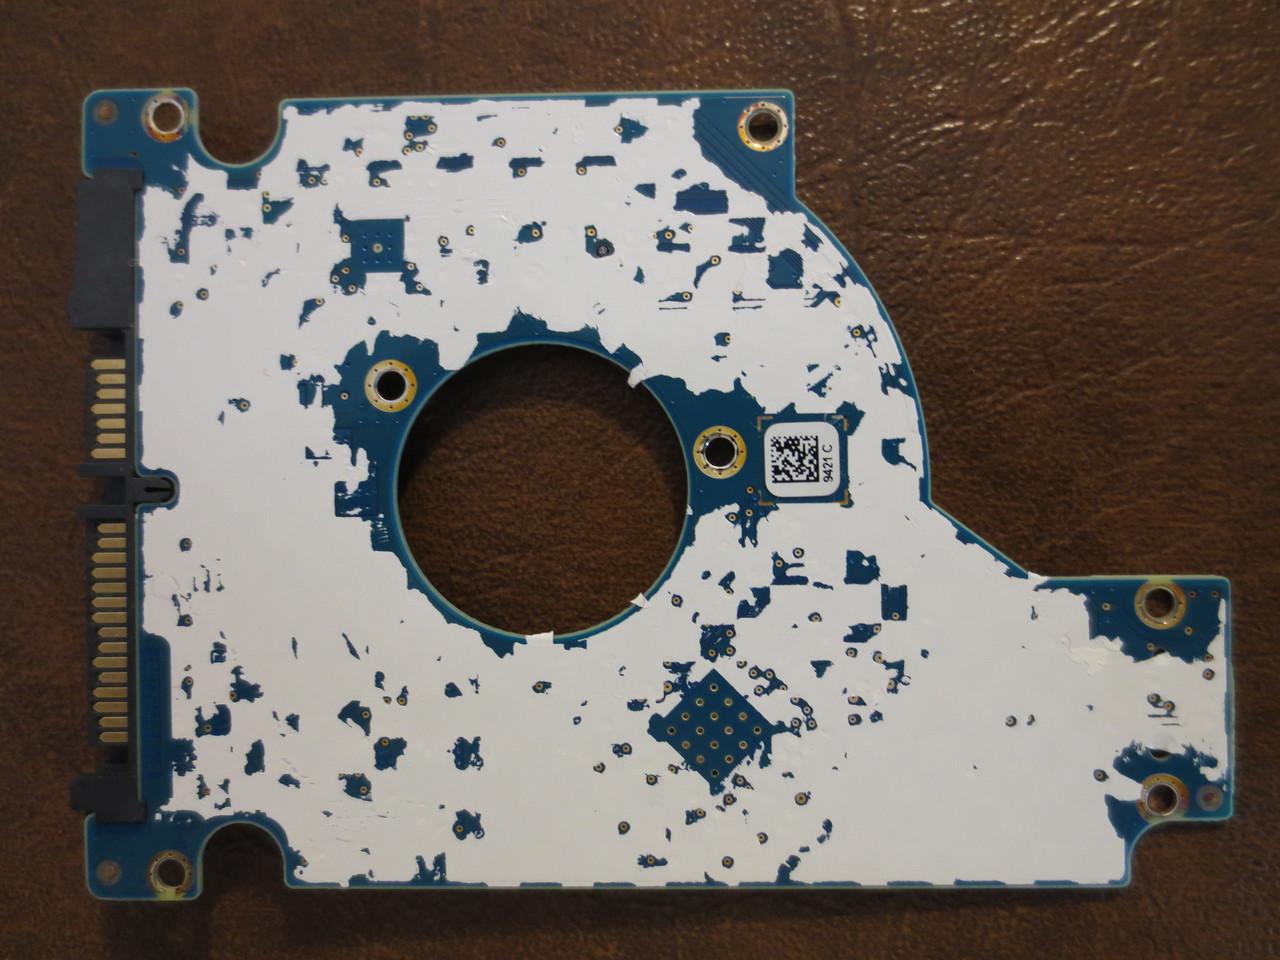 Details about  /ST500LT015 9421 D 1DJ142-030 Seagate SATA 2.5 PCB 0001SDM7